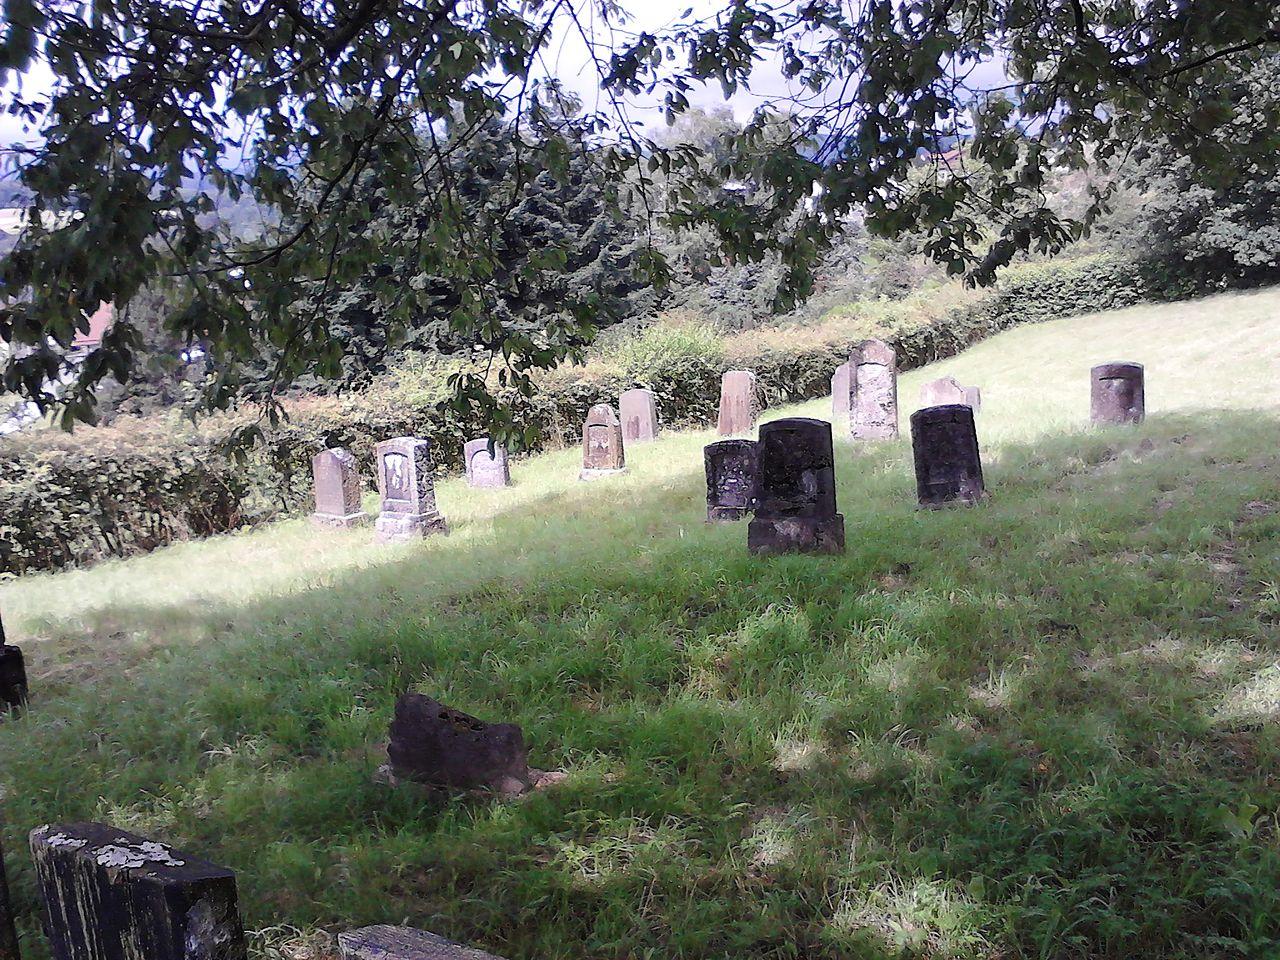 Ehringshausen-Katzenfurt Juedischer Friedhof 20120715.JPG